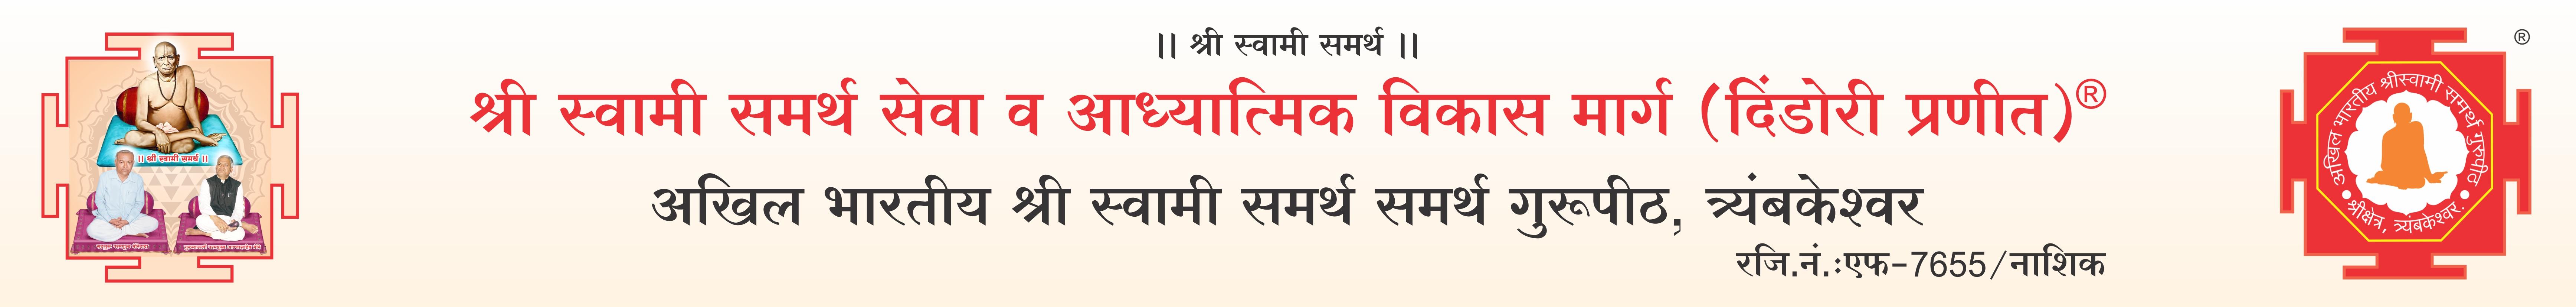 अखिल भारतीय श्री स्वामी समर्थ गुरुपीठ, त्र्यंबकेश्वर